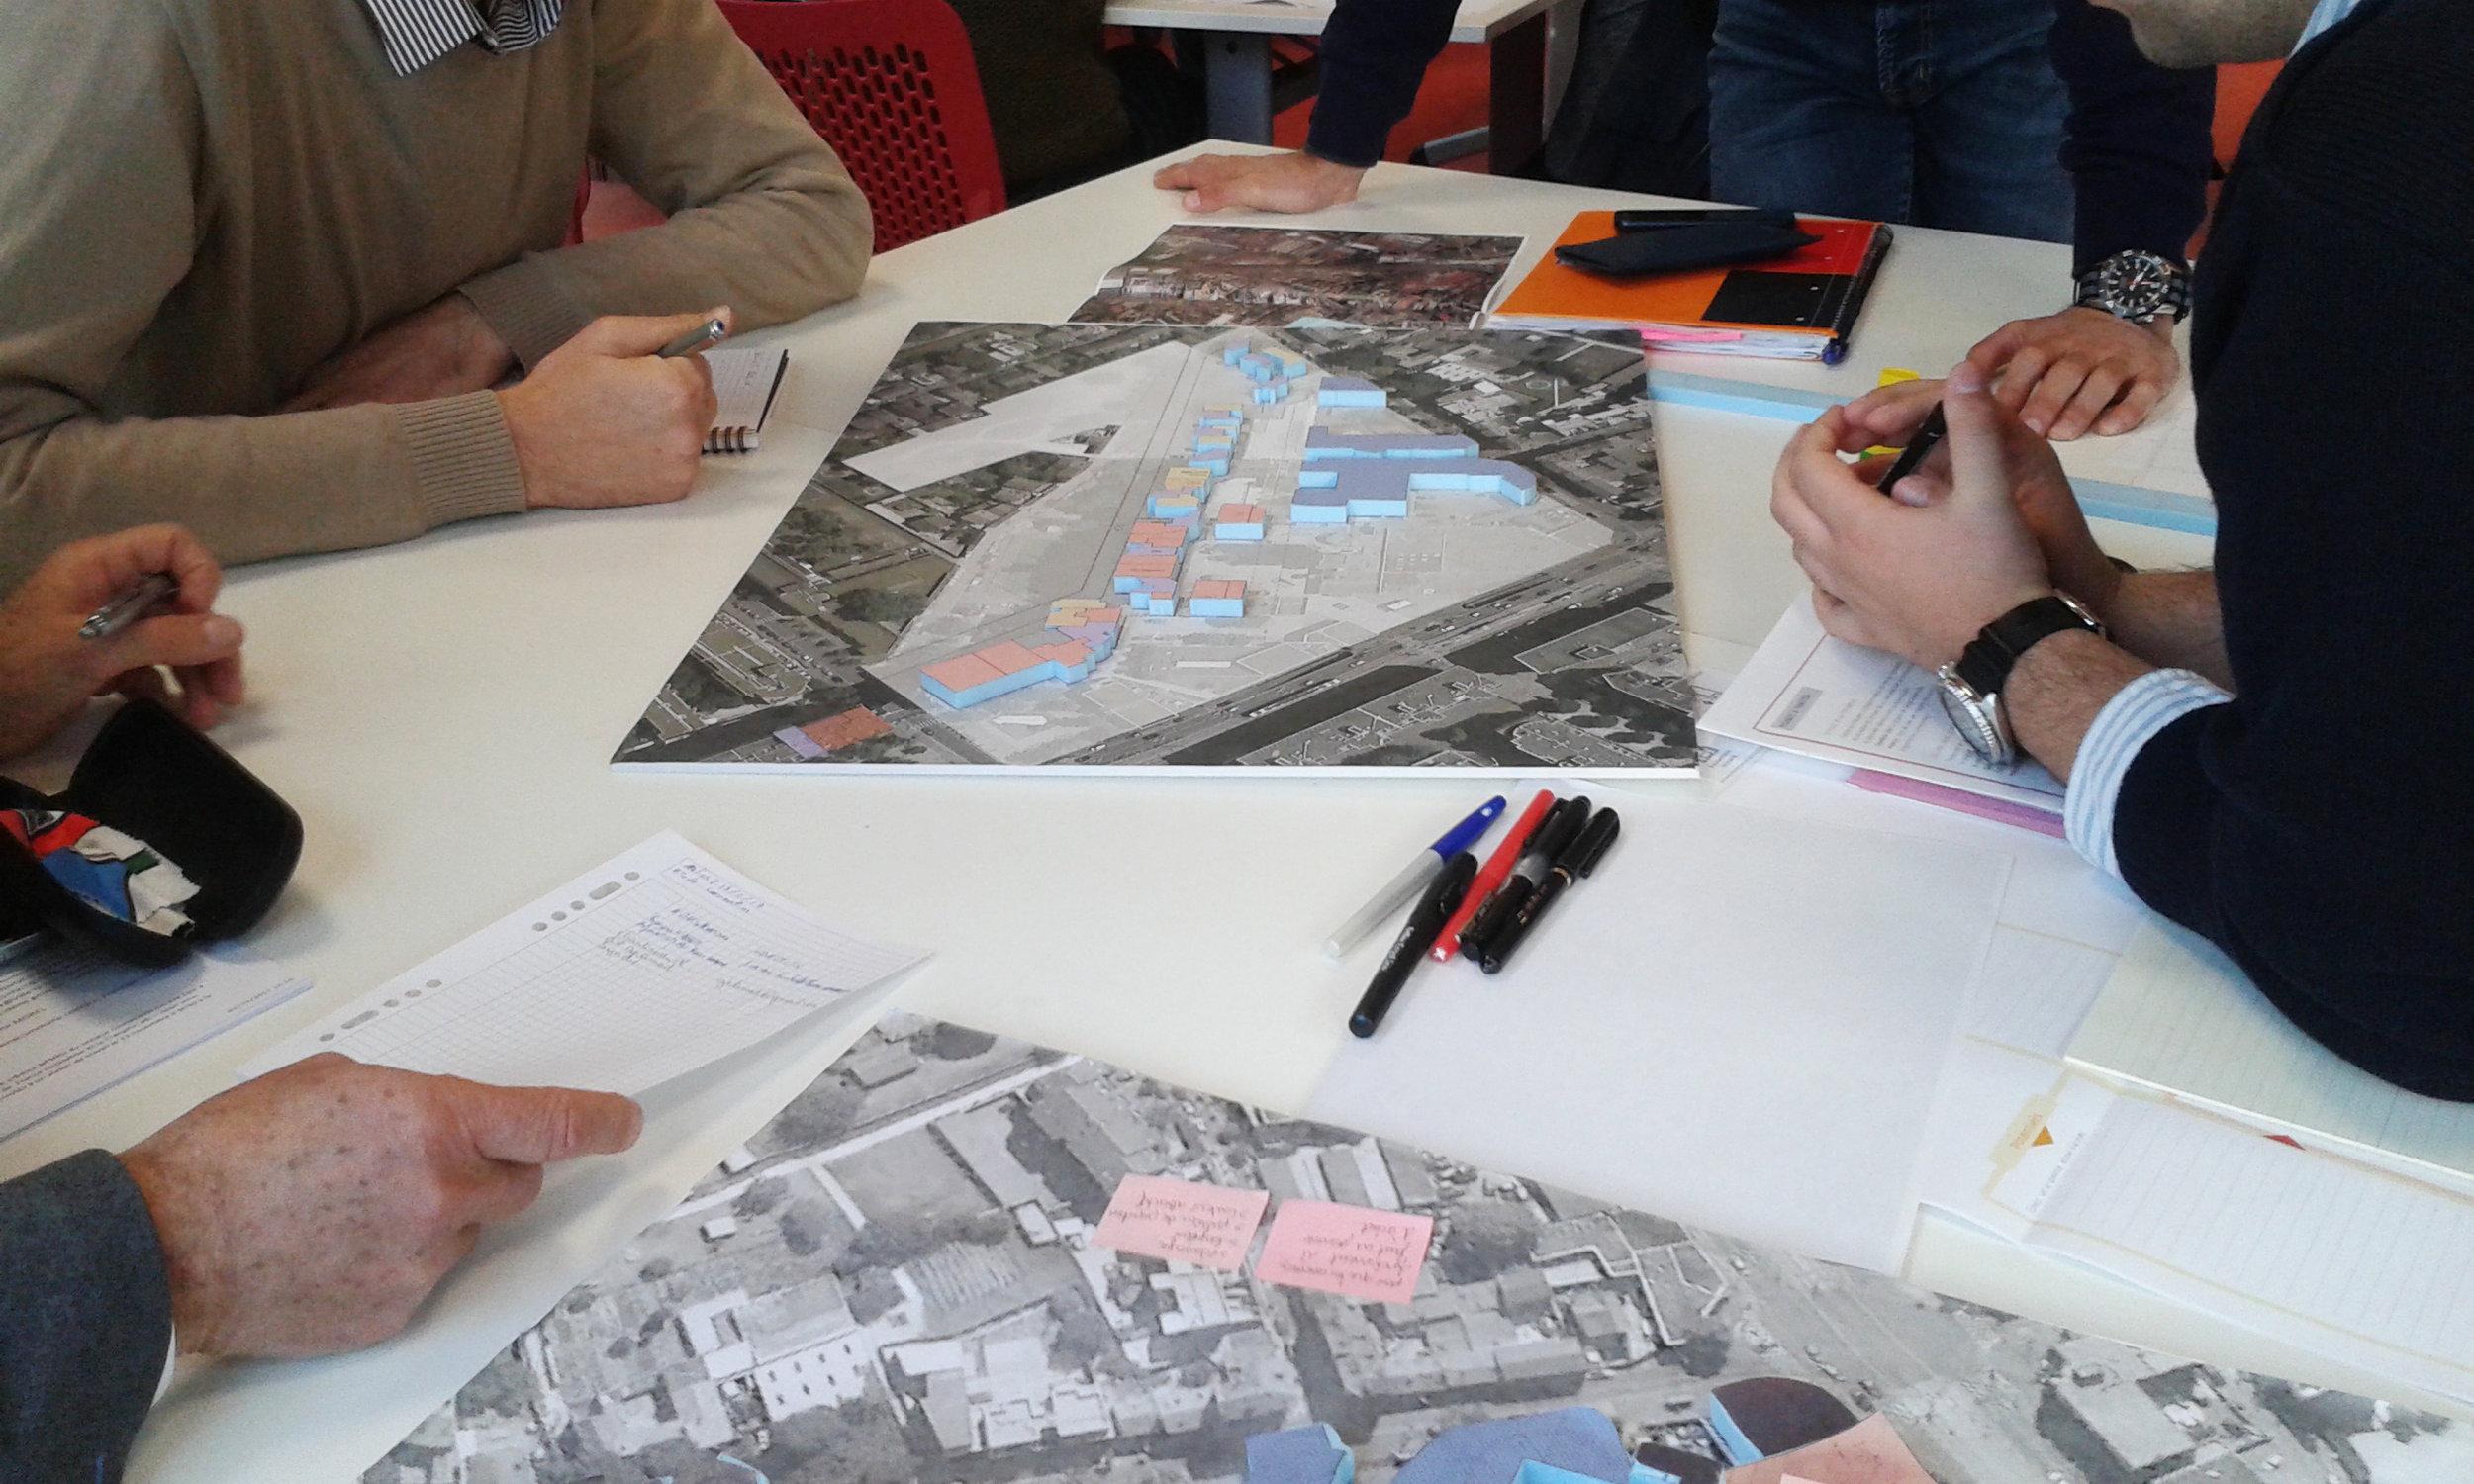 Atelier de réflexion collective autour d'un projet de réaménagement urbain à La Courneuve, 93.